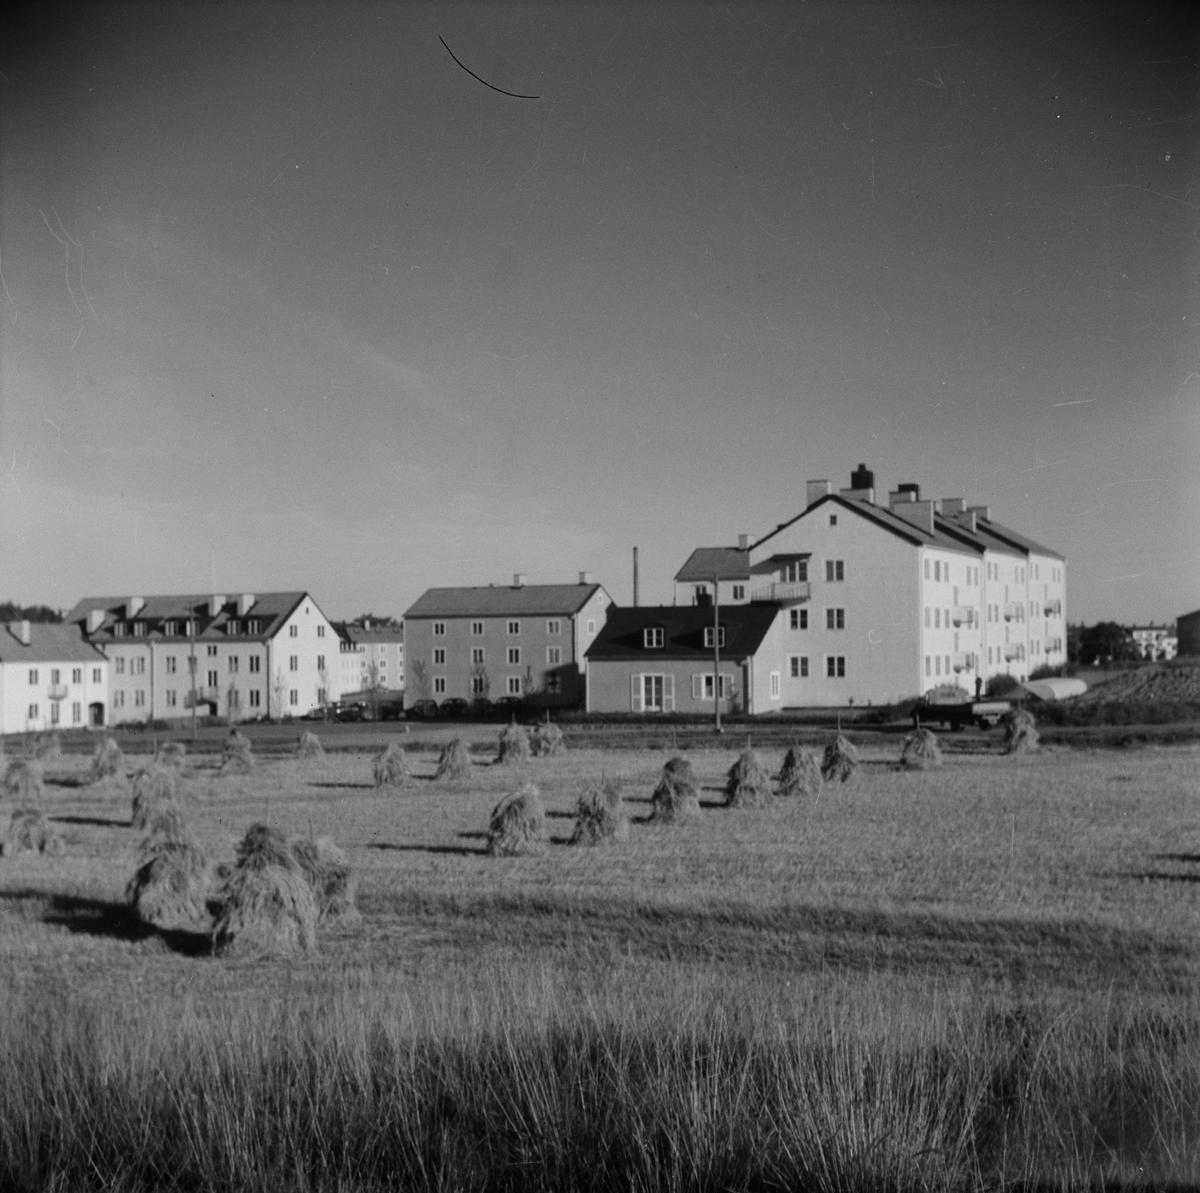 Studentstaden, Rackarberget, Uppsala